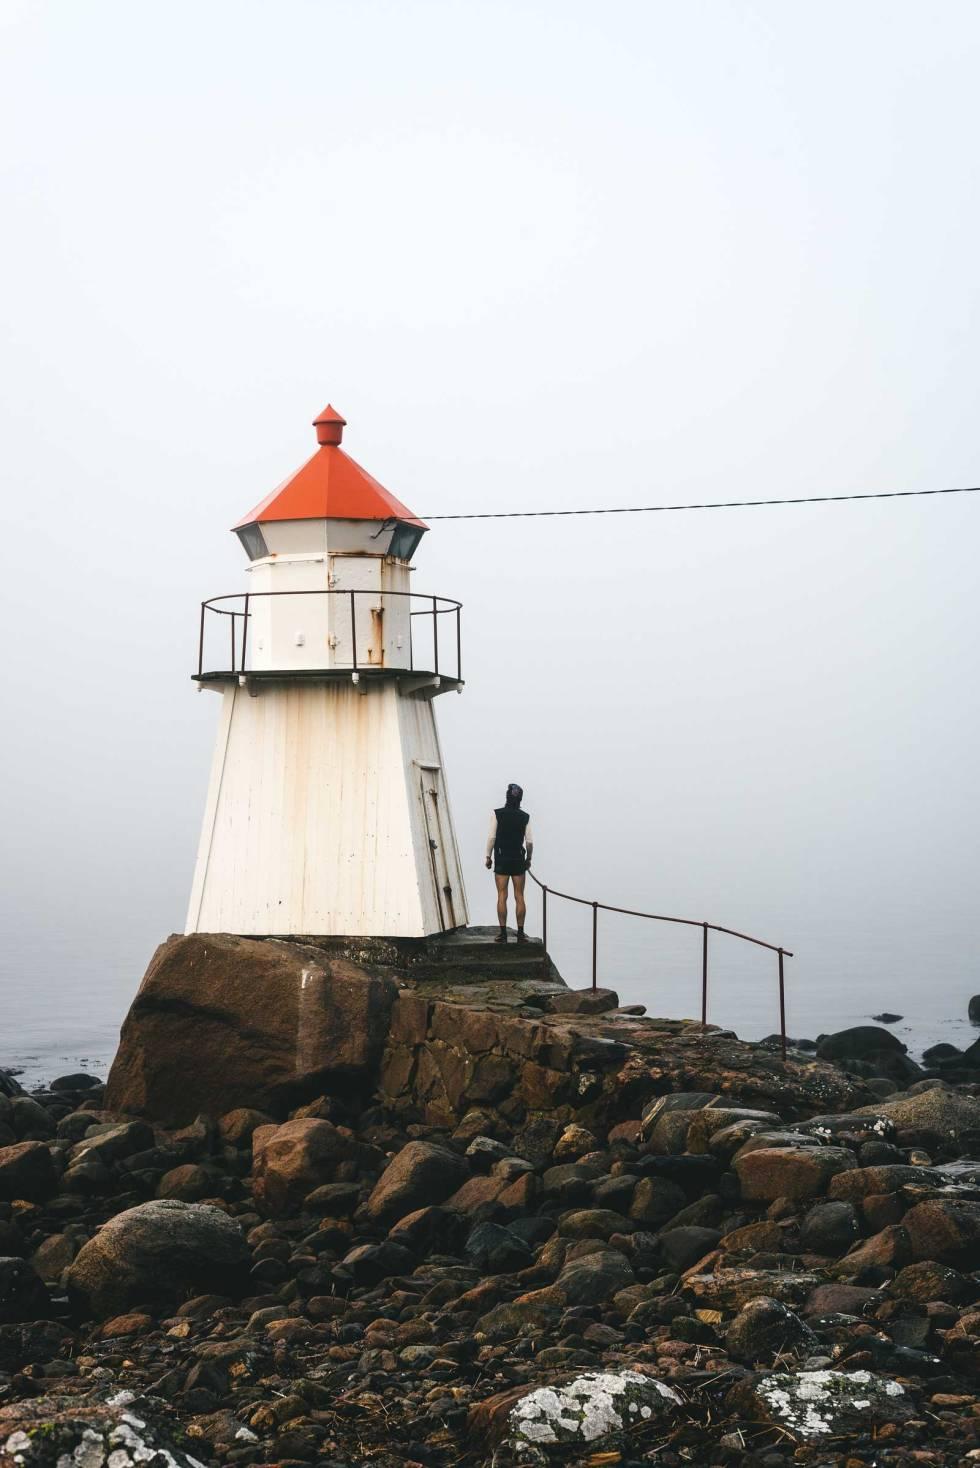 FOR ET FYR: Ved Pikesten kan du skue utover havet og fundere over livet eller noe.